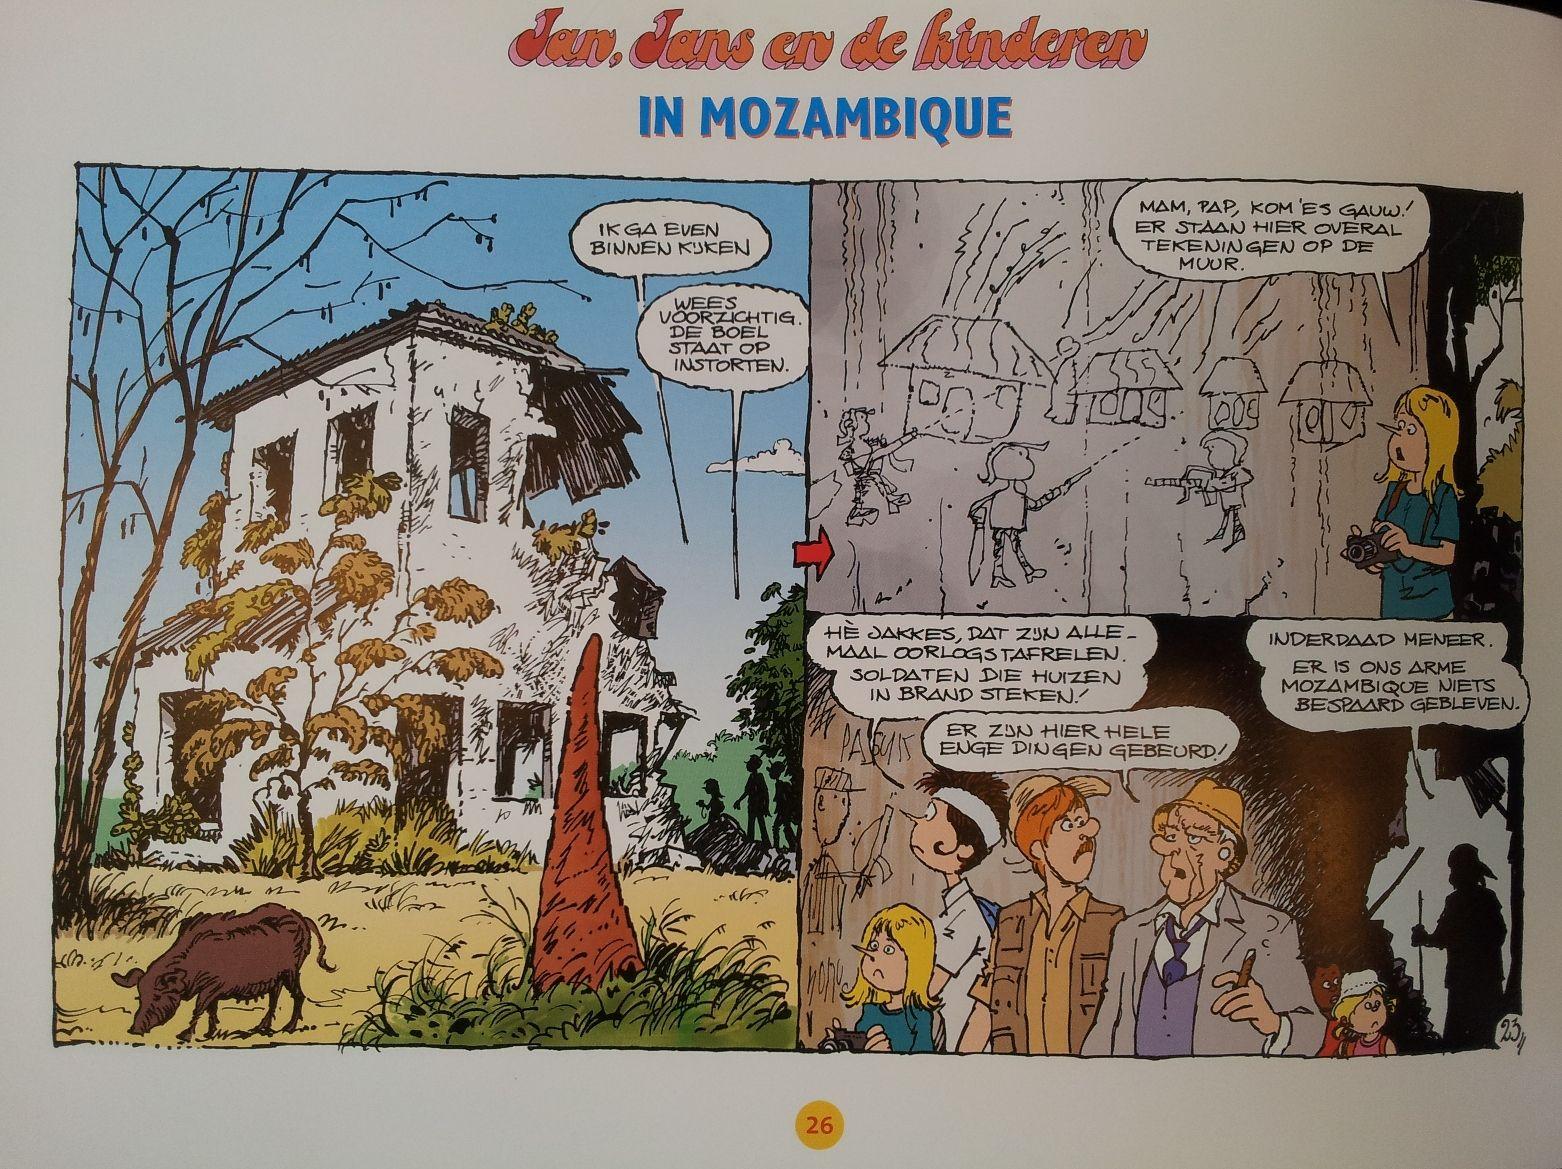 Muurtekeningen in de vervallen leprozerie in Mozambique. Bestel nu Jan, Jans en de Kinderen in Mozambique en Suriname voor Sinterklaas! www.leprastichting.nl/bestel-stripboeken/